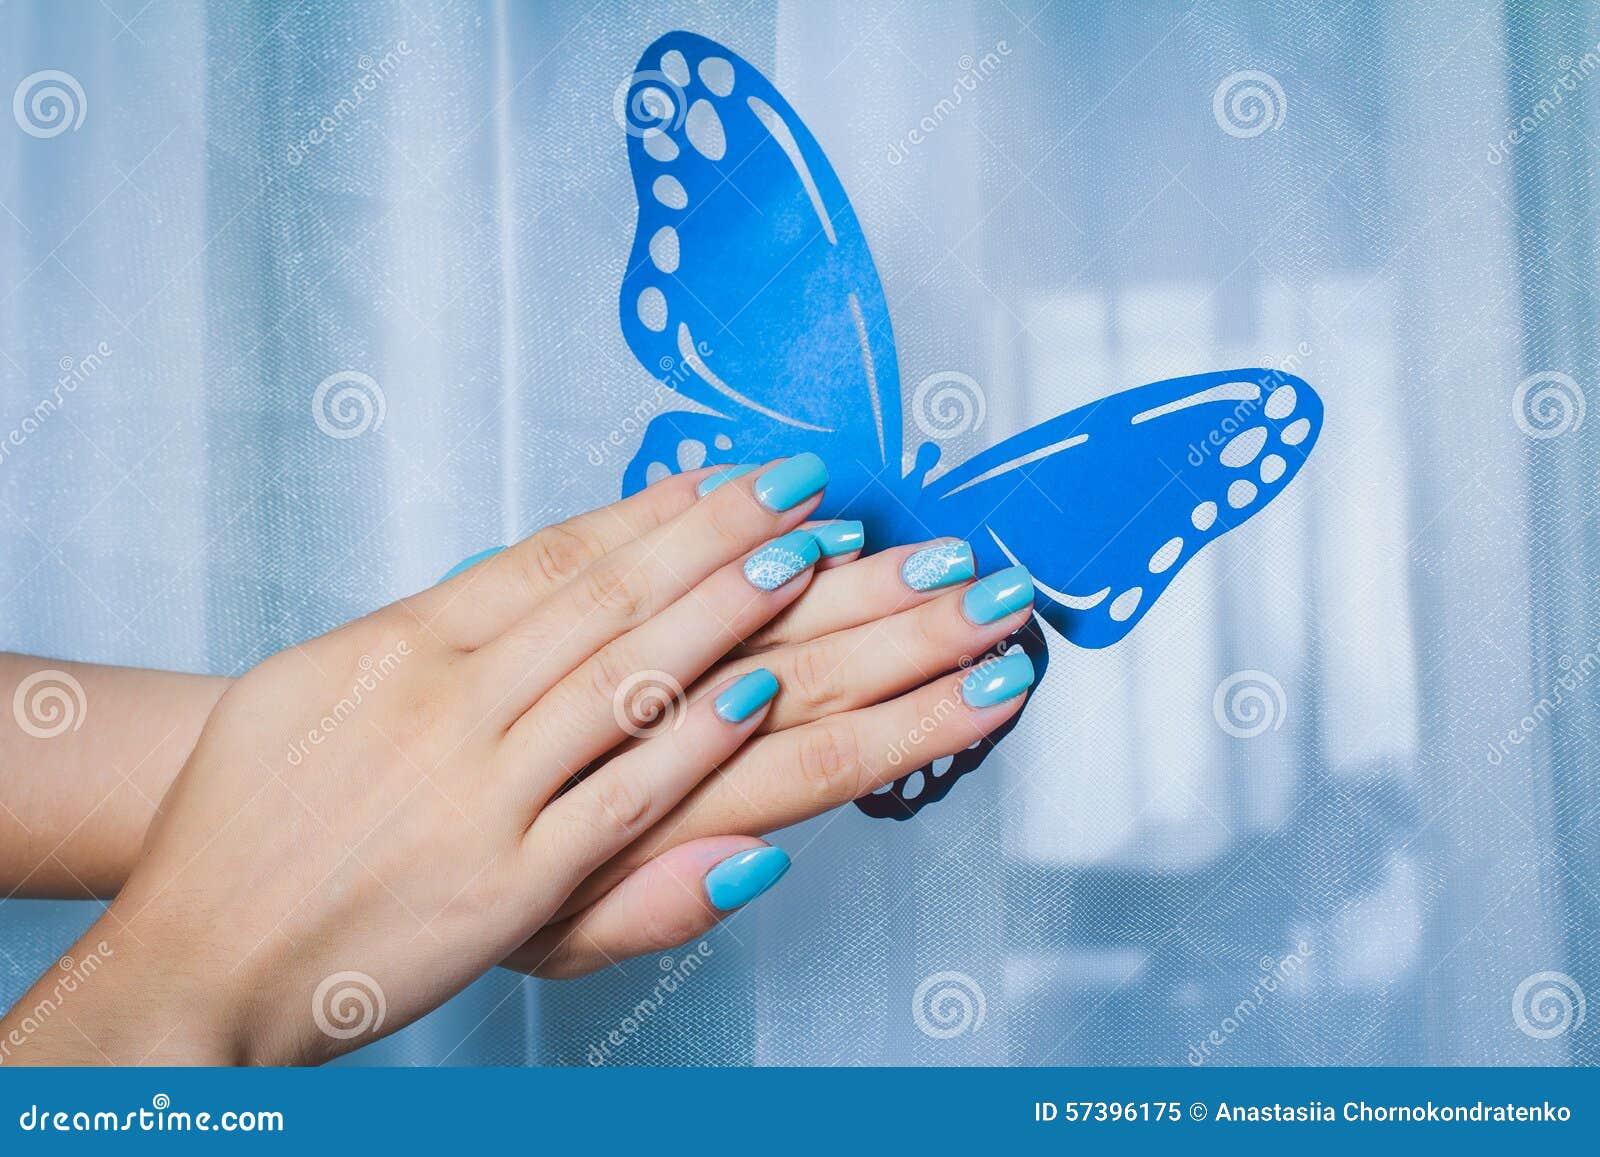 Nageln Sie Kunst Mit Blauem Hintergrund Und Weißer Spitze Stockbild ...